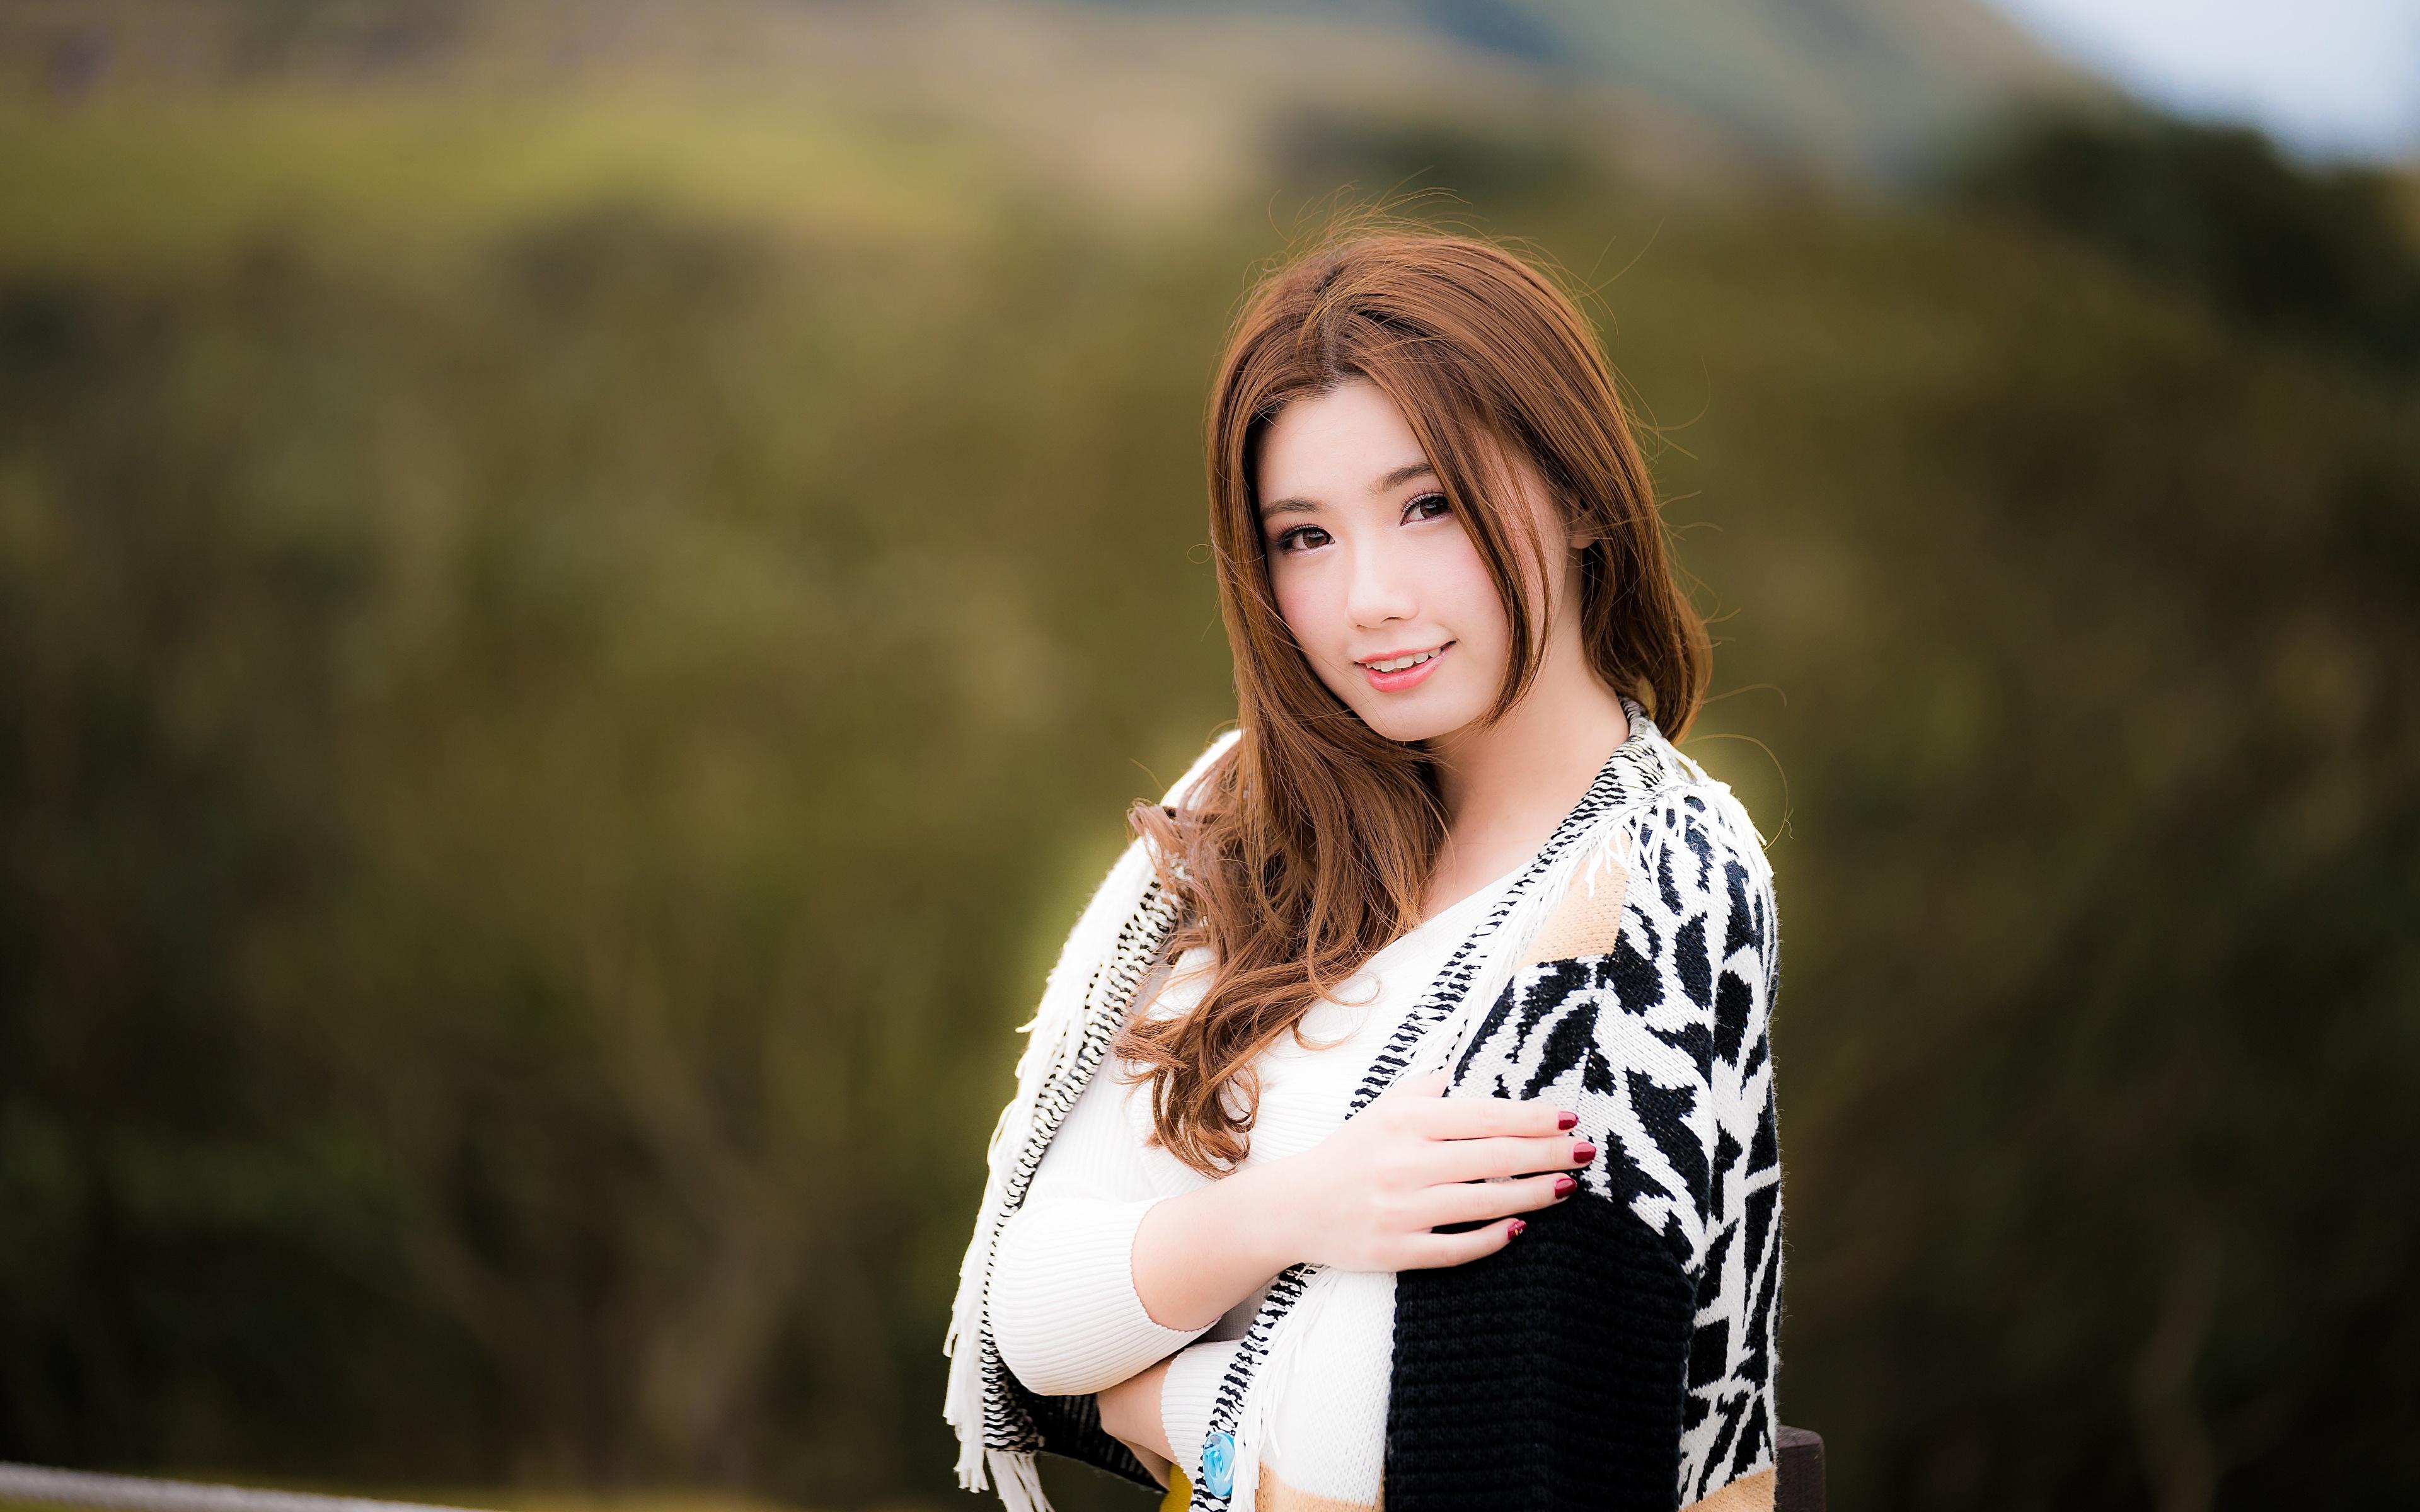 3840x2400,亚洲人,散景,棕色的女人,凝视,手,年輕女性,女孩,